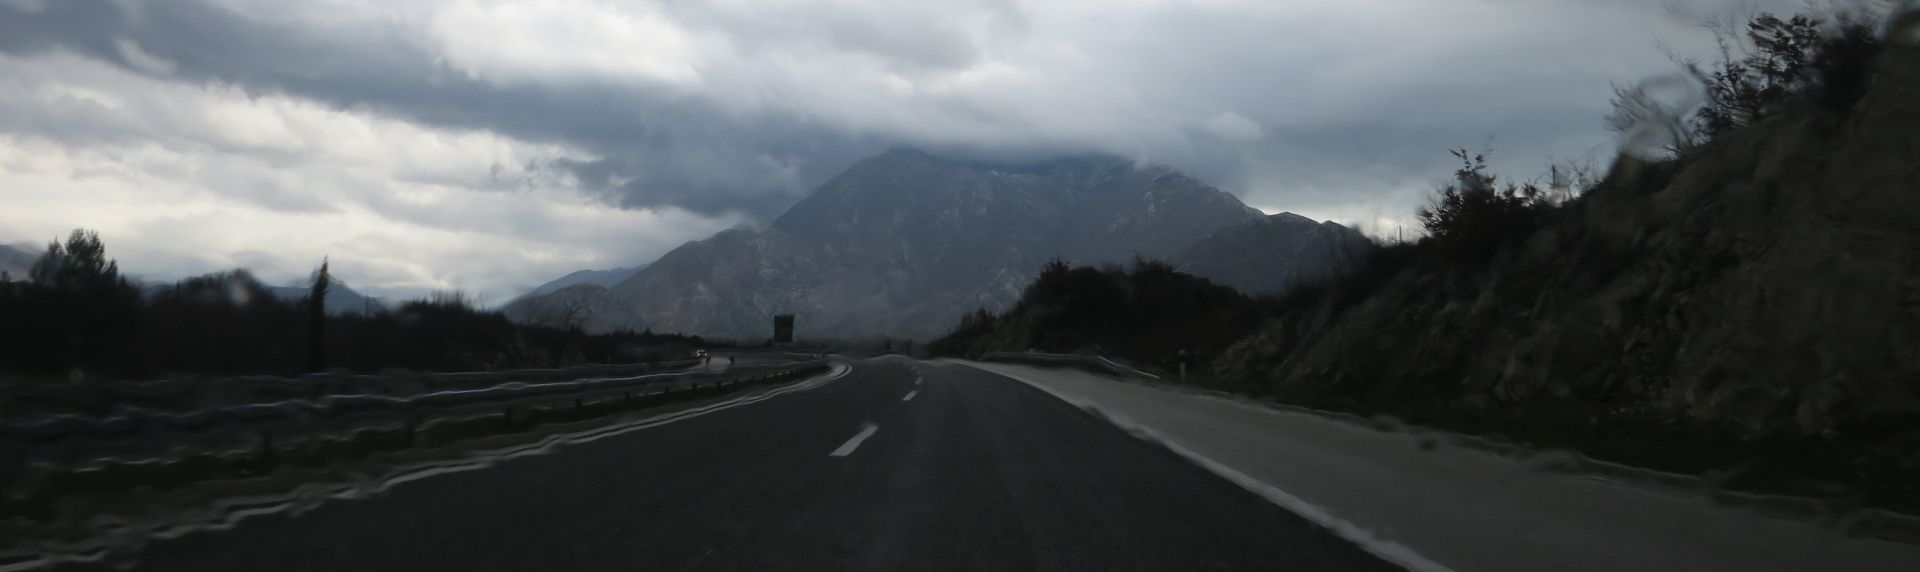 OLUJNO NEVRIJEME: U Sloveniji manje poplave i tuča